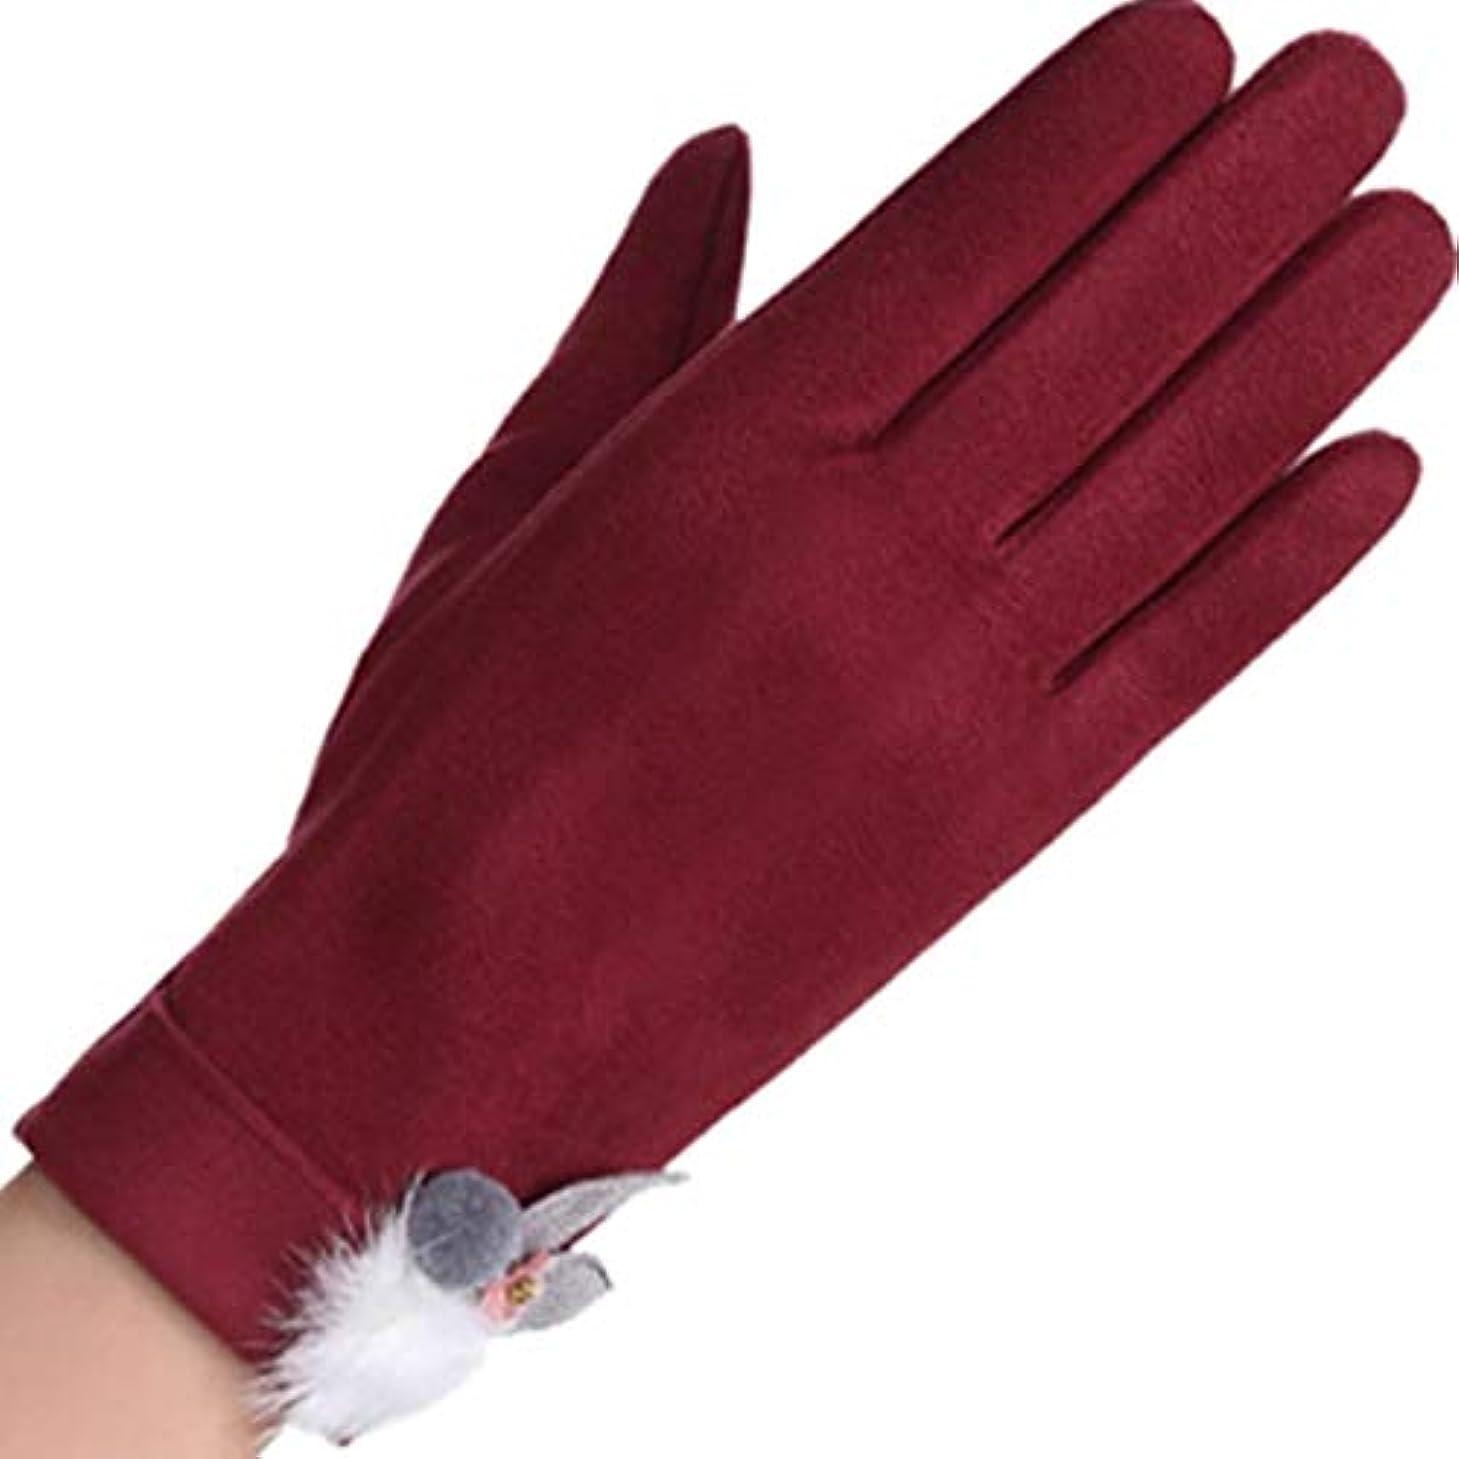 補足ブッシュ急速な手袋の女性の暖かいタッチスクリーンの手袋冬の防風プラスベルベットの女性の毛の手袋の黒ワインレッド (色 : 赤ワイン)